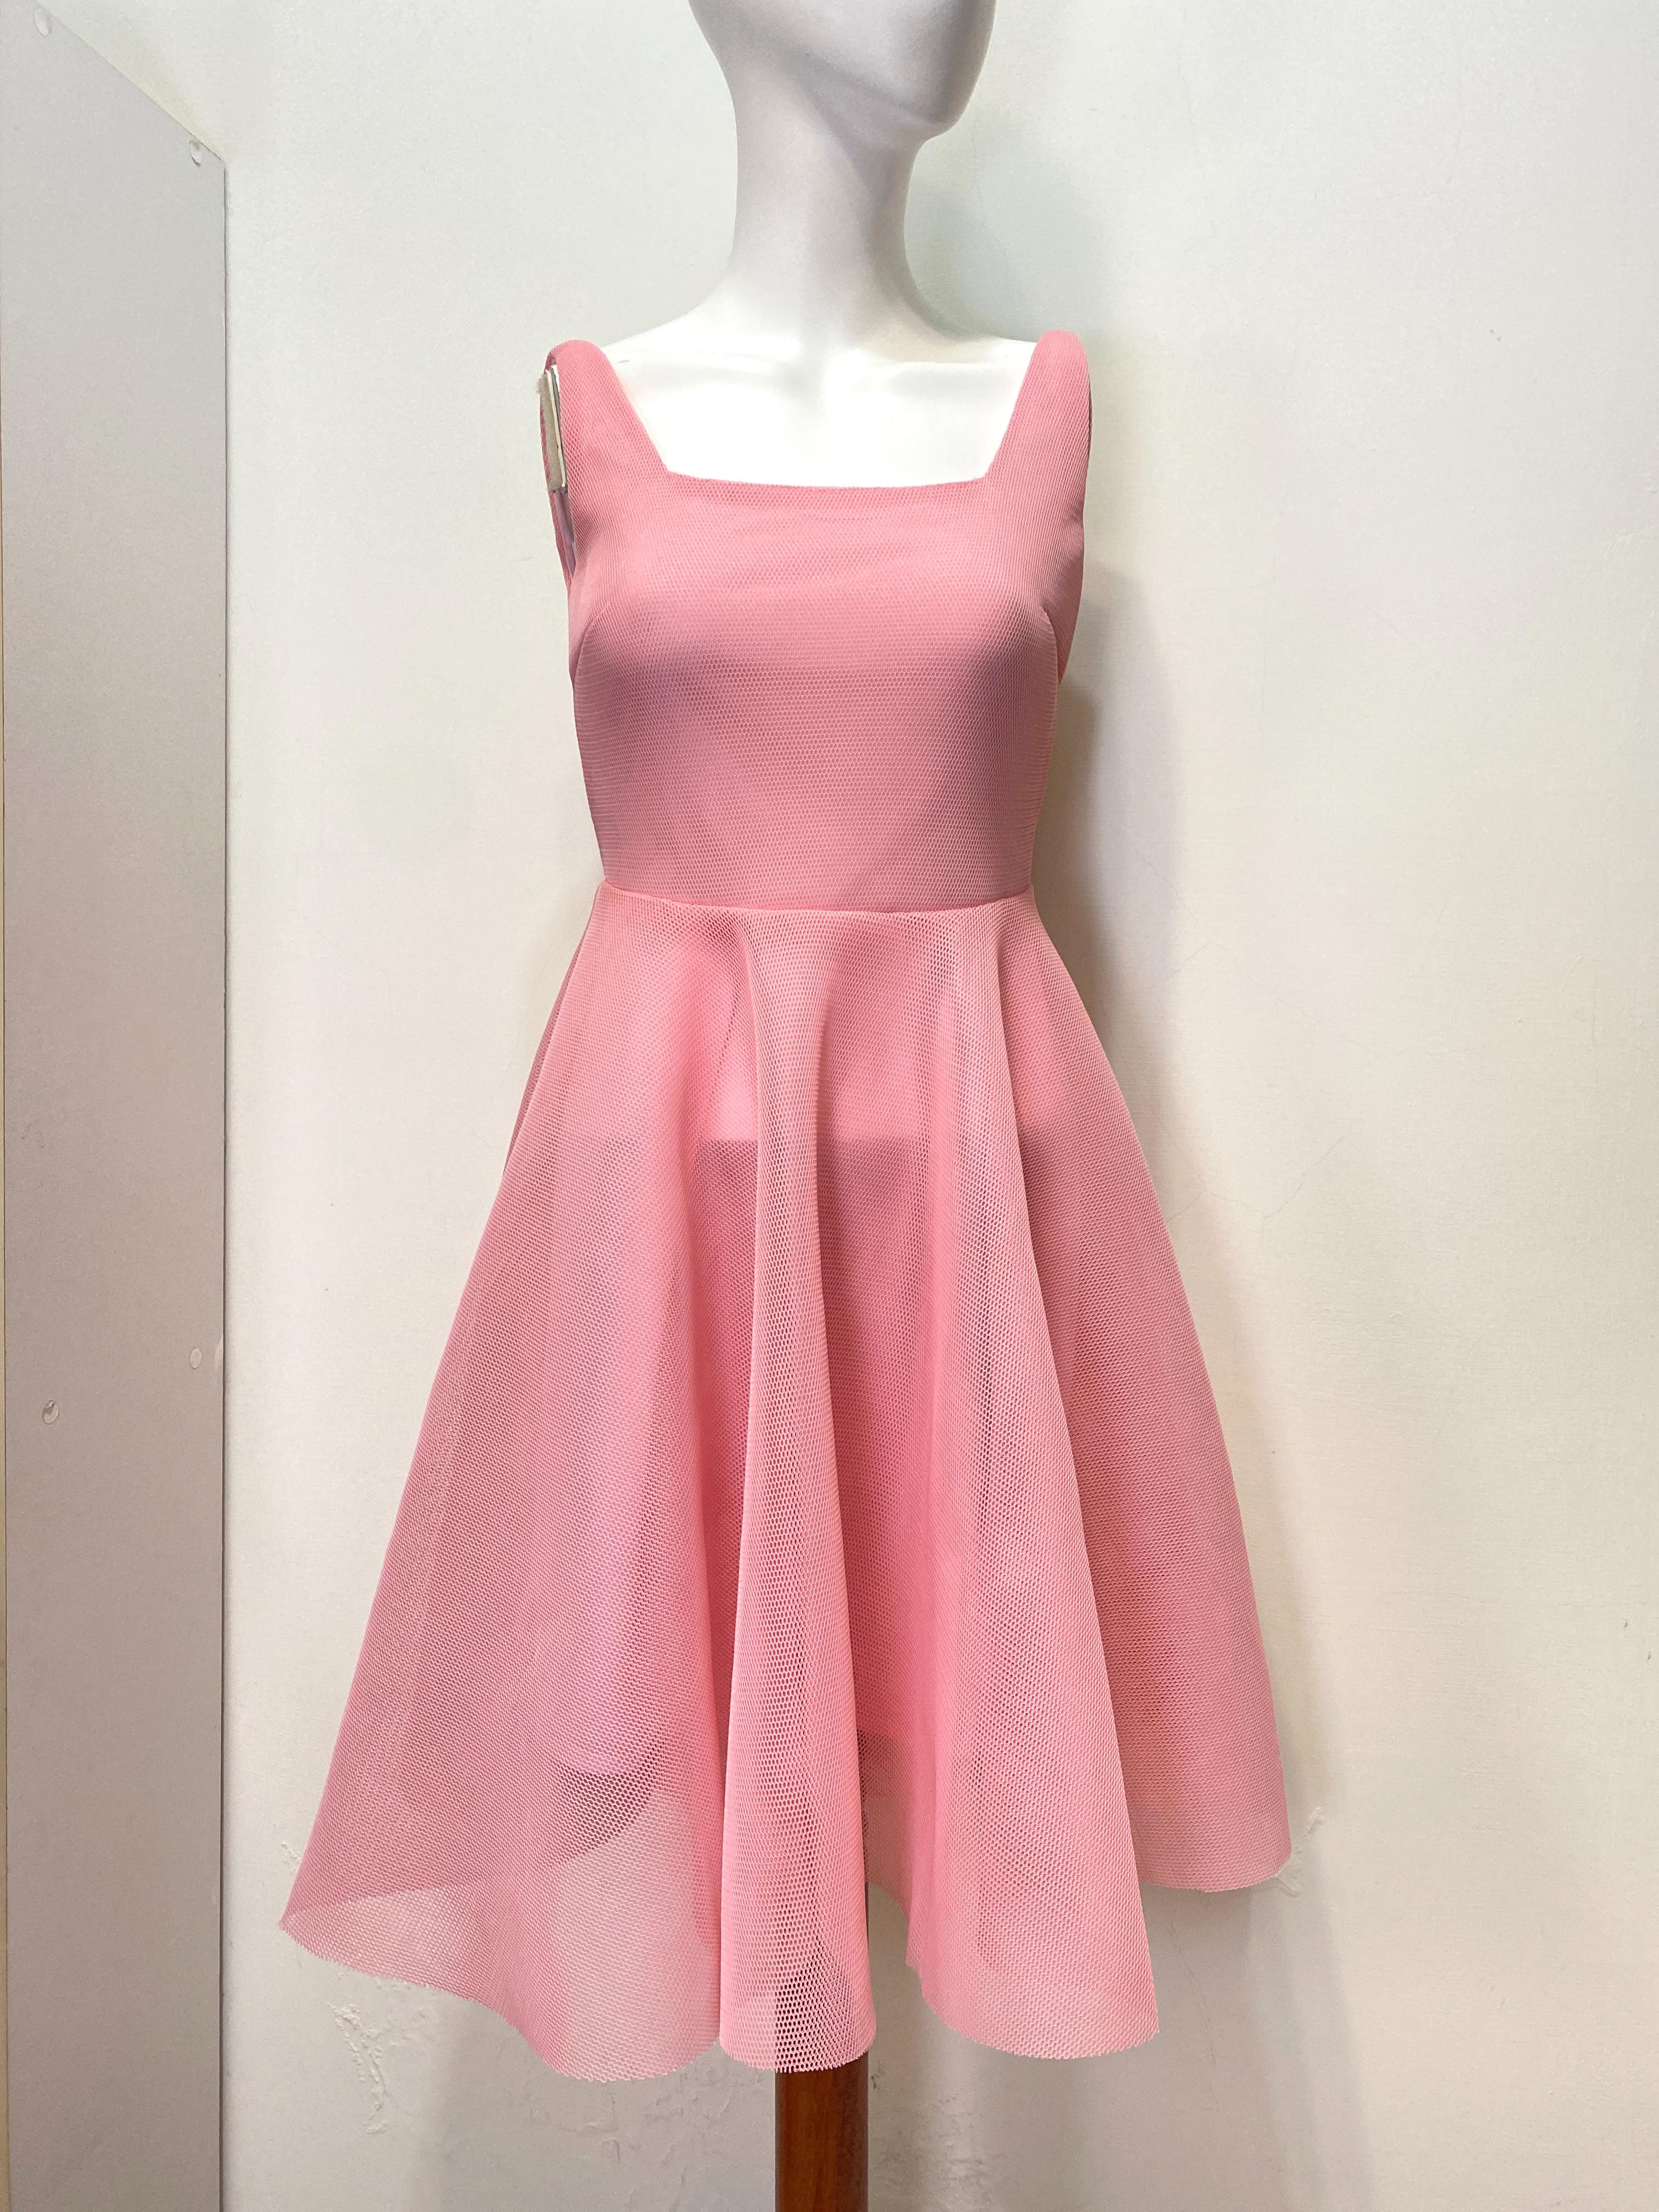 YLQX 粉色 網狀 立體 澎澎 宴會 禮服 洋裝